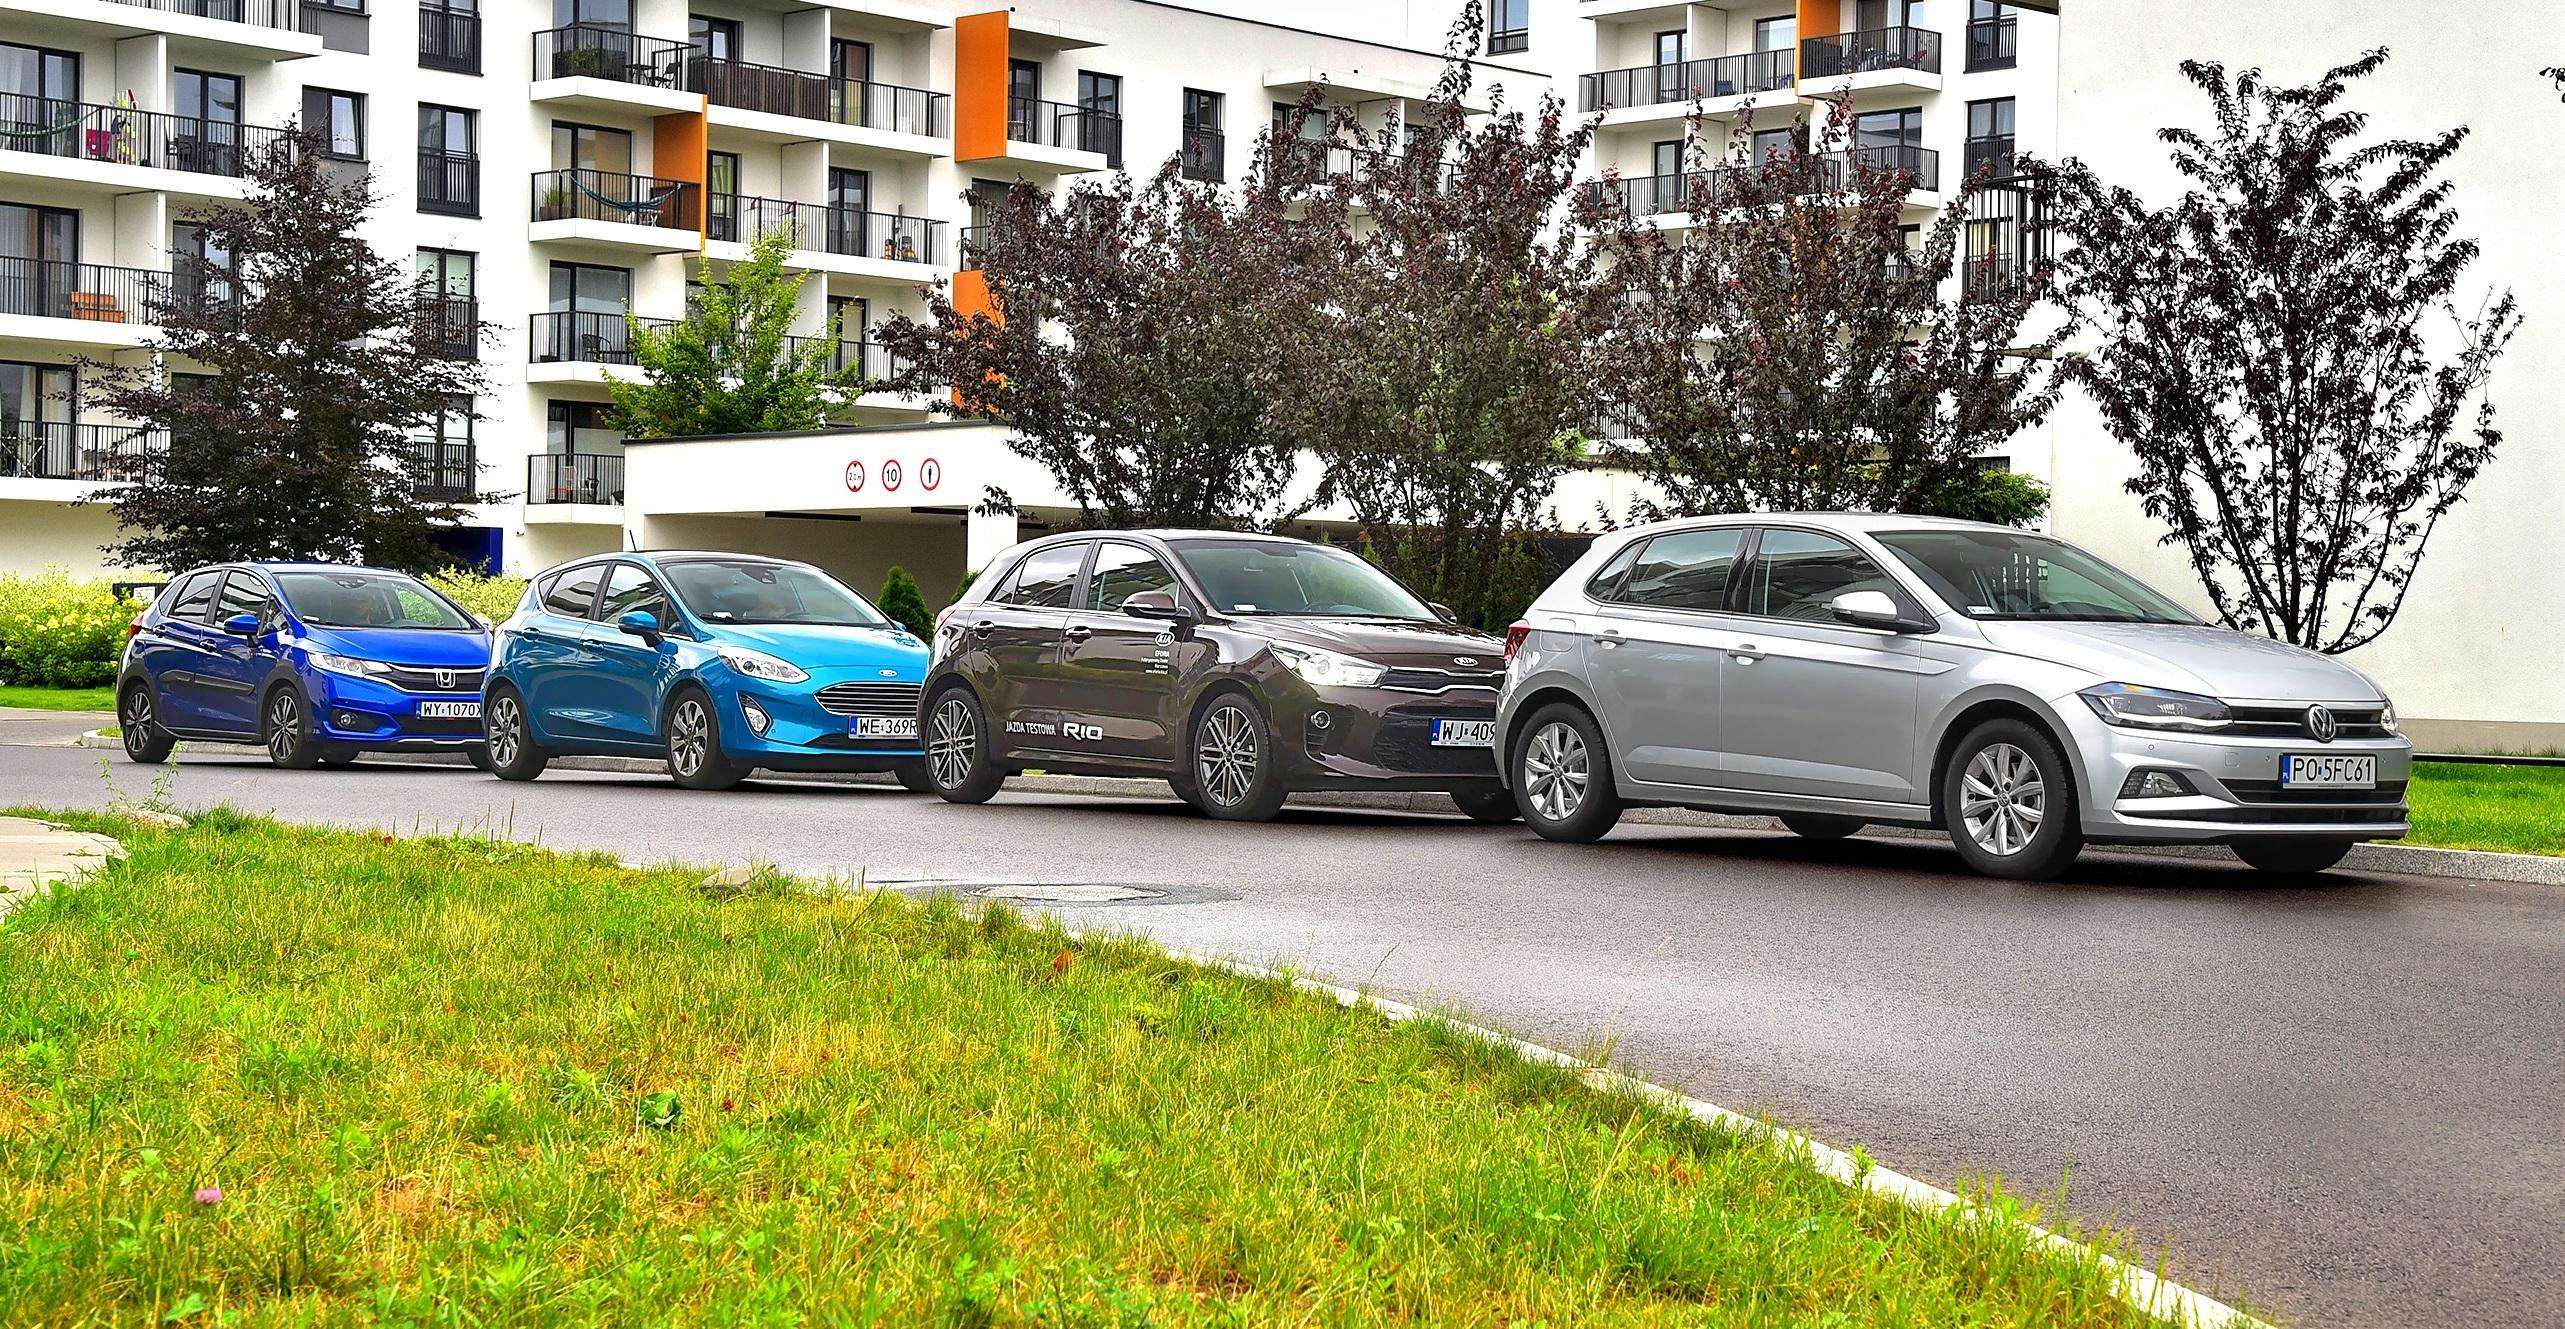 Nowy Vw Polo Kontra Ford Fiesta Honda Jazz I Kia Rio